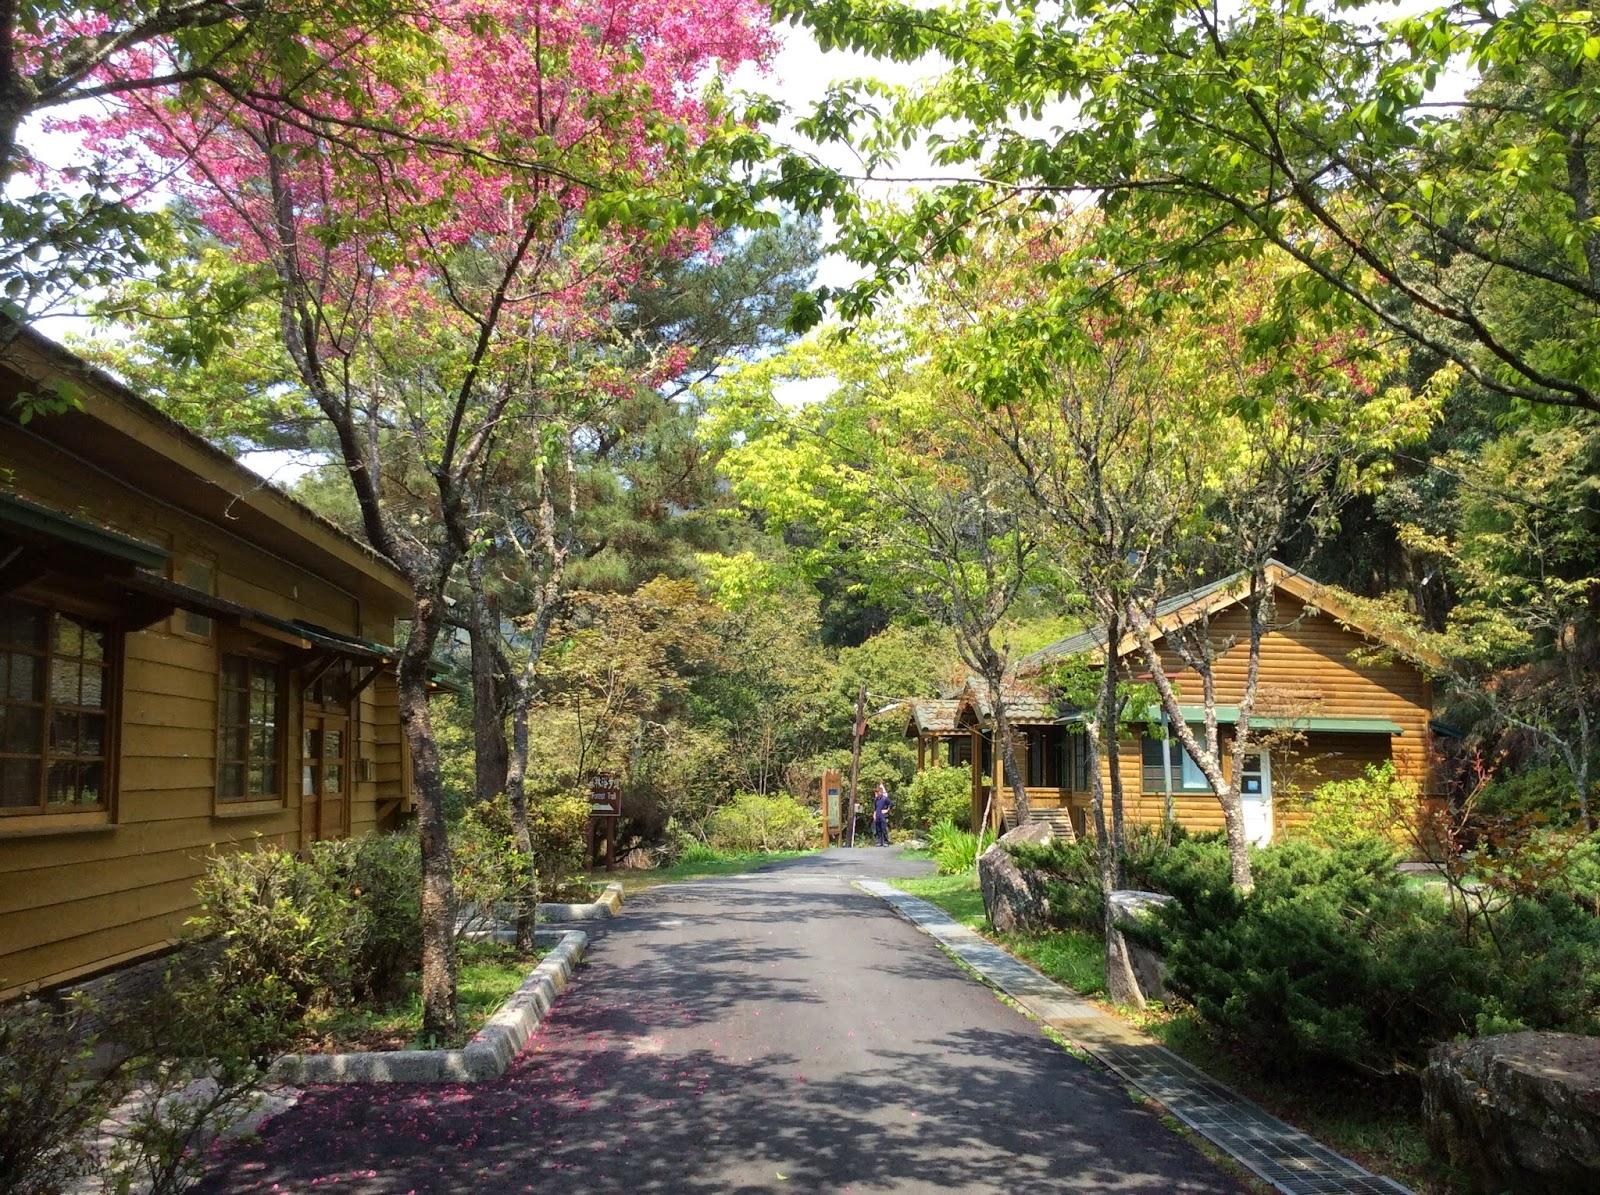 春暖花開: 2015 再訪〝大雪山國家森林遊樂區〞